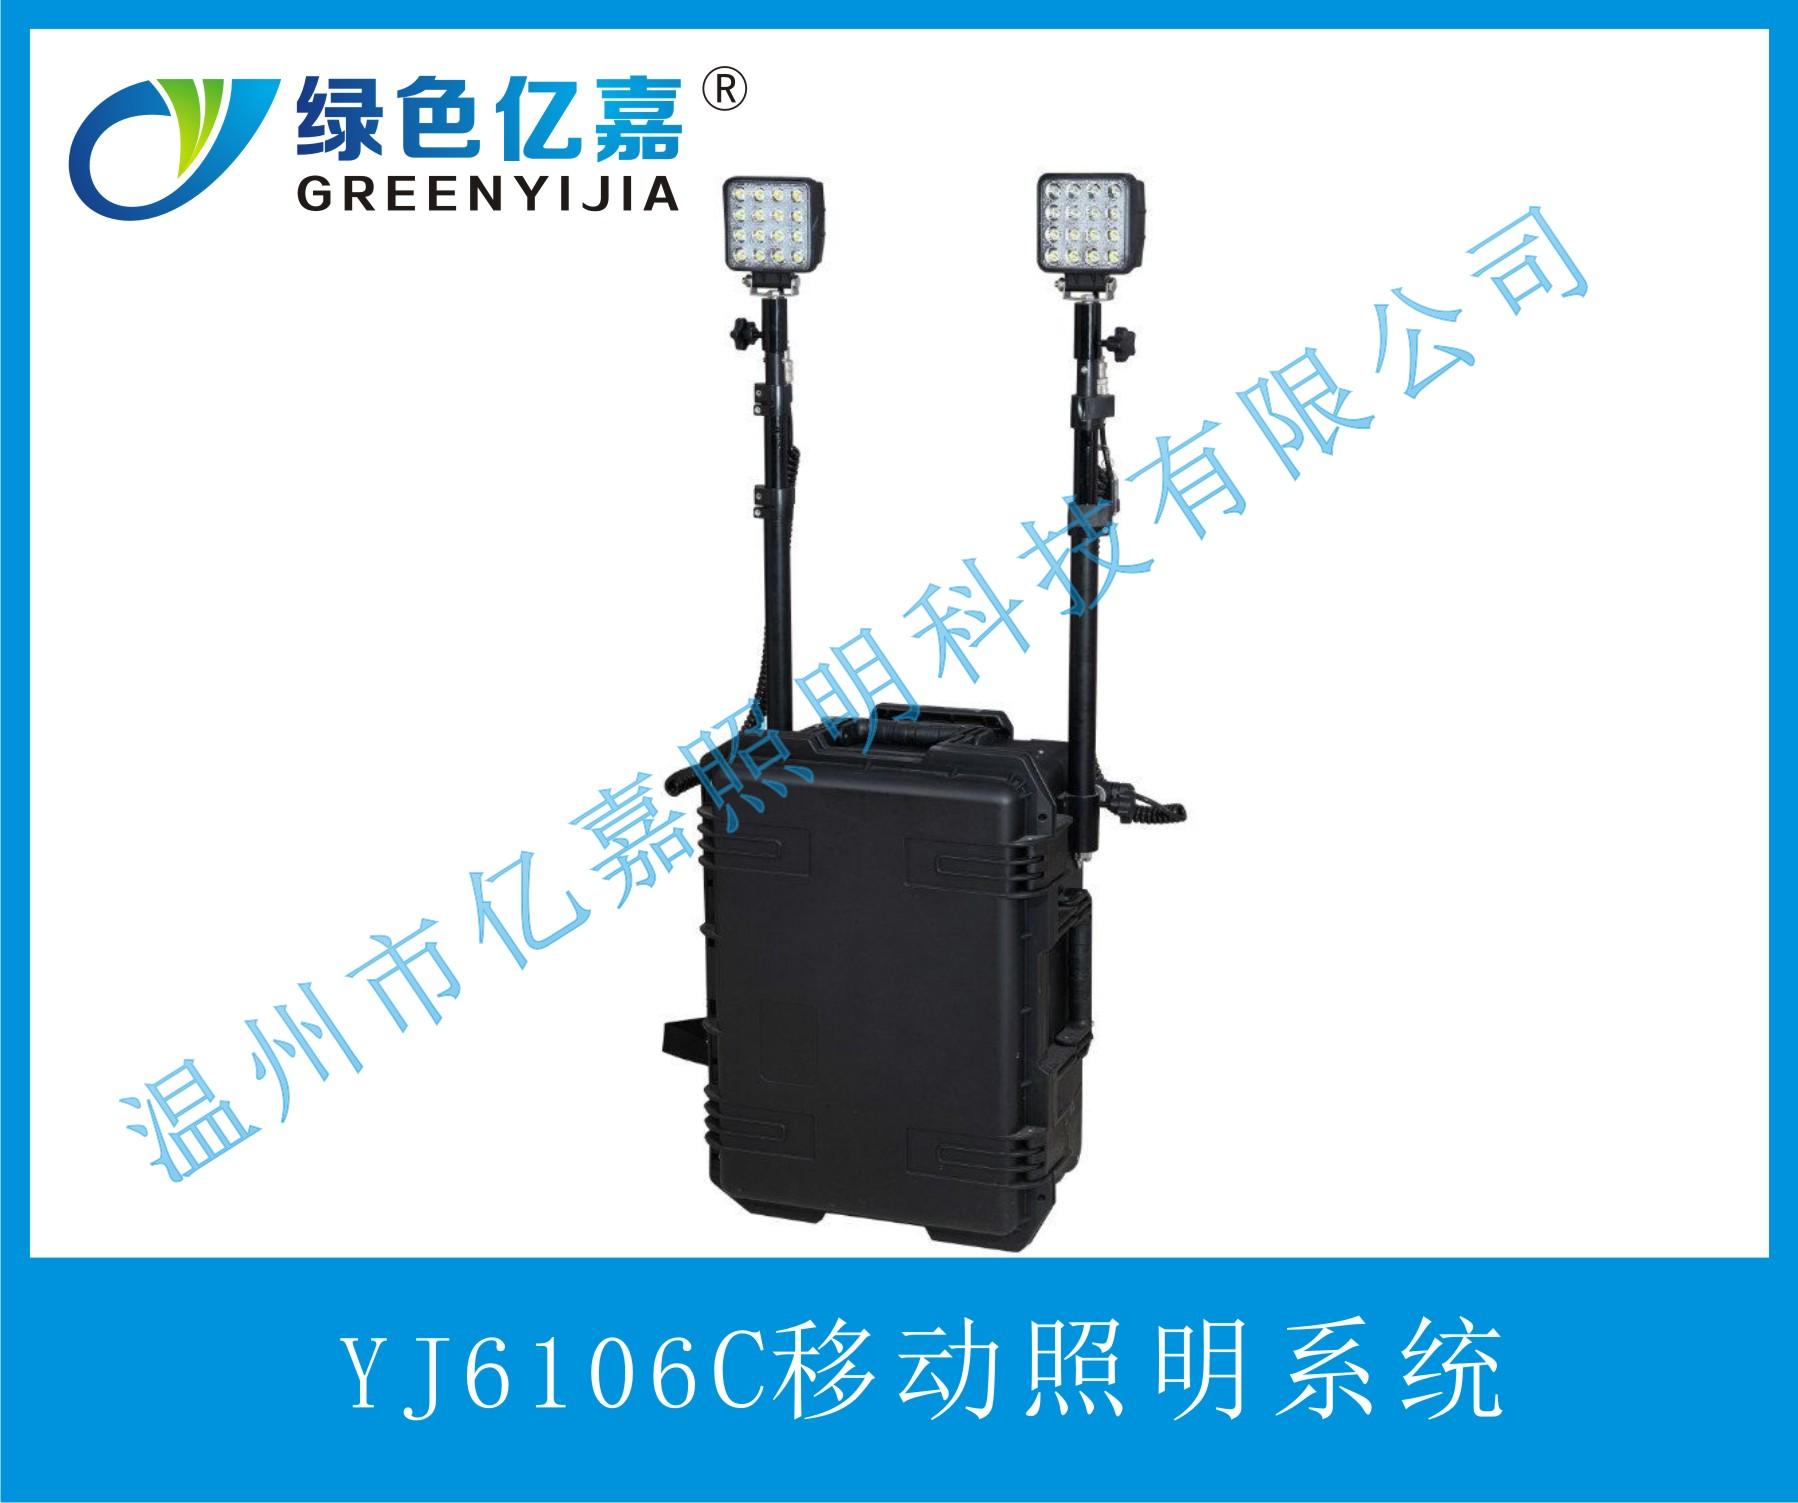 YJ6106C移动雷竞技网站系统